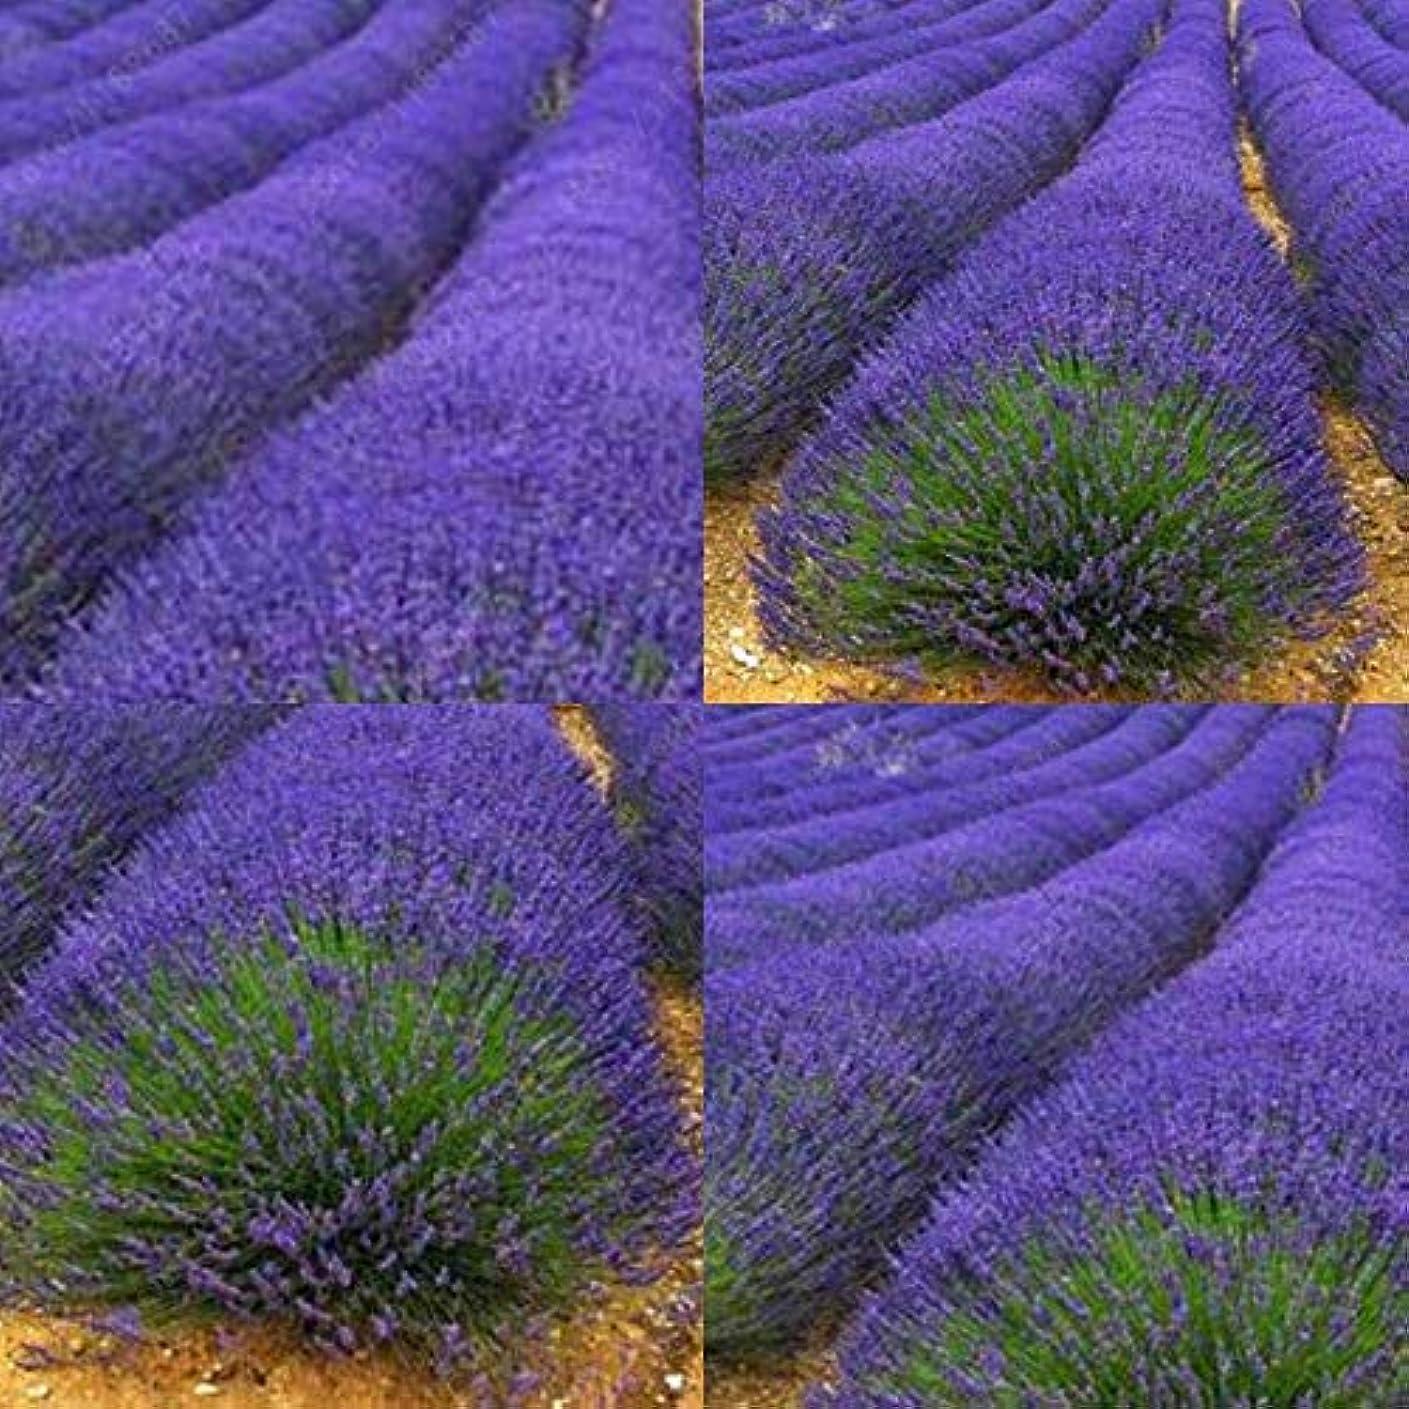 はぁ細胞研究Portal Cool Type2 200Pcs: New Garden Aromatic Spices Variety Herb Seeds Plant Vegetable Lavender Herb